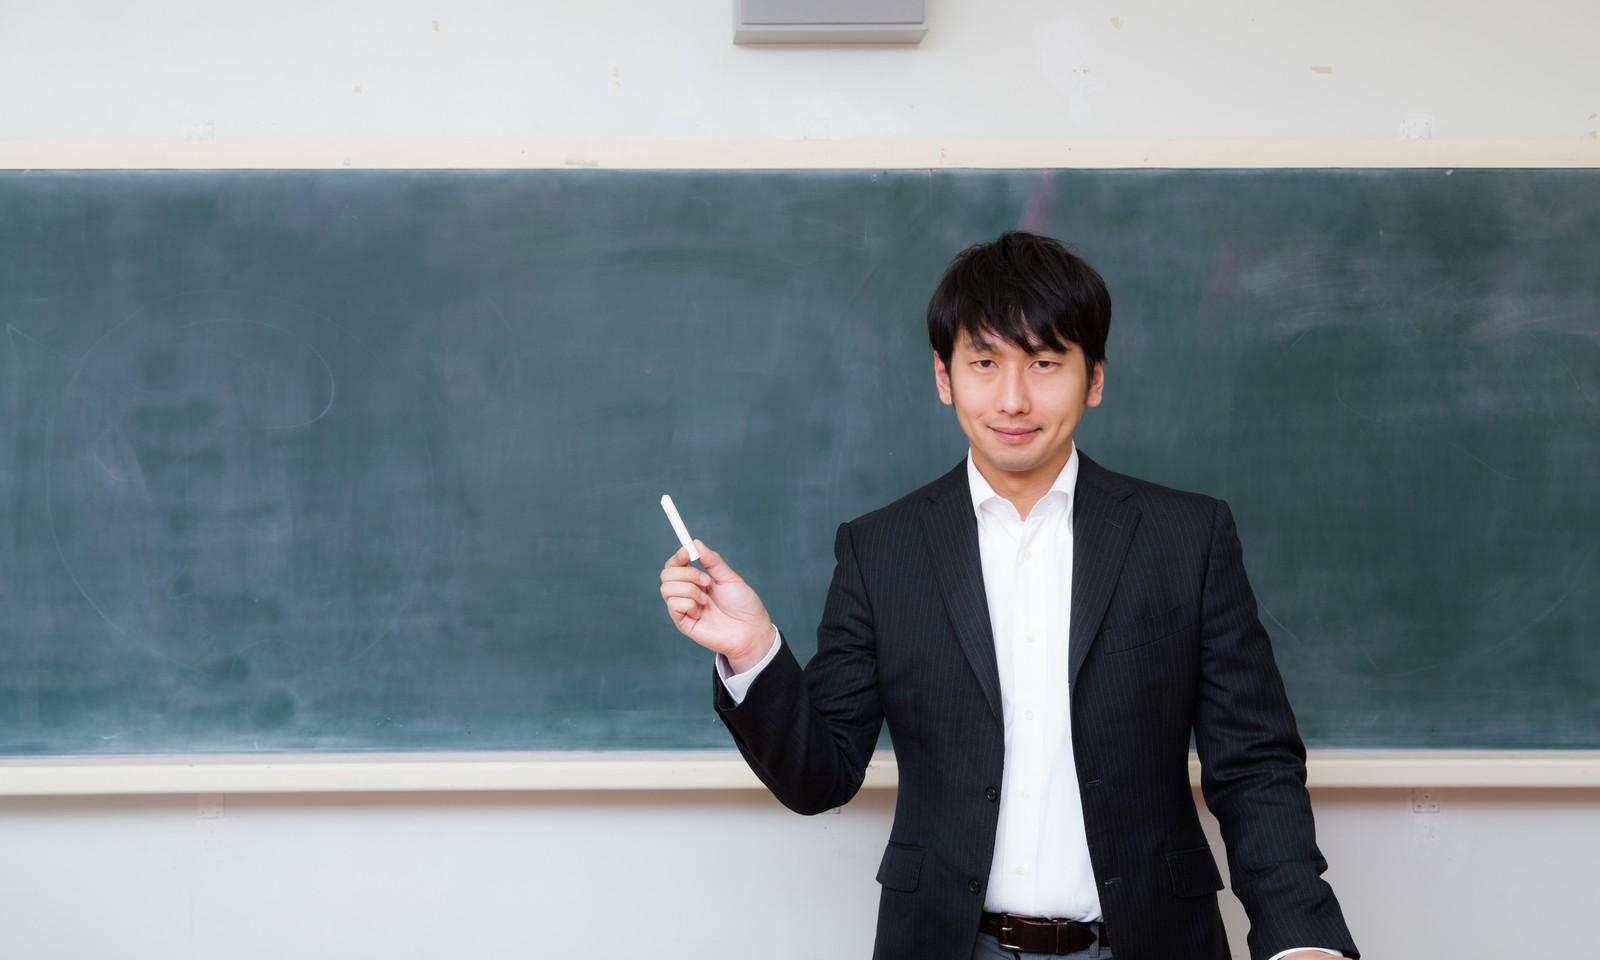 熱心に教える教師